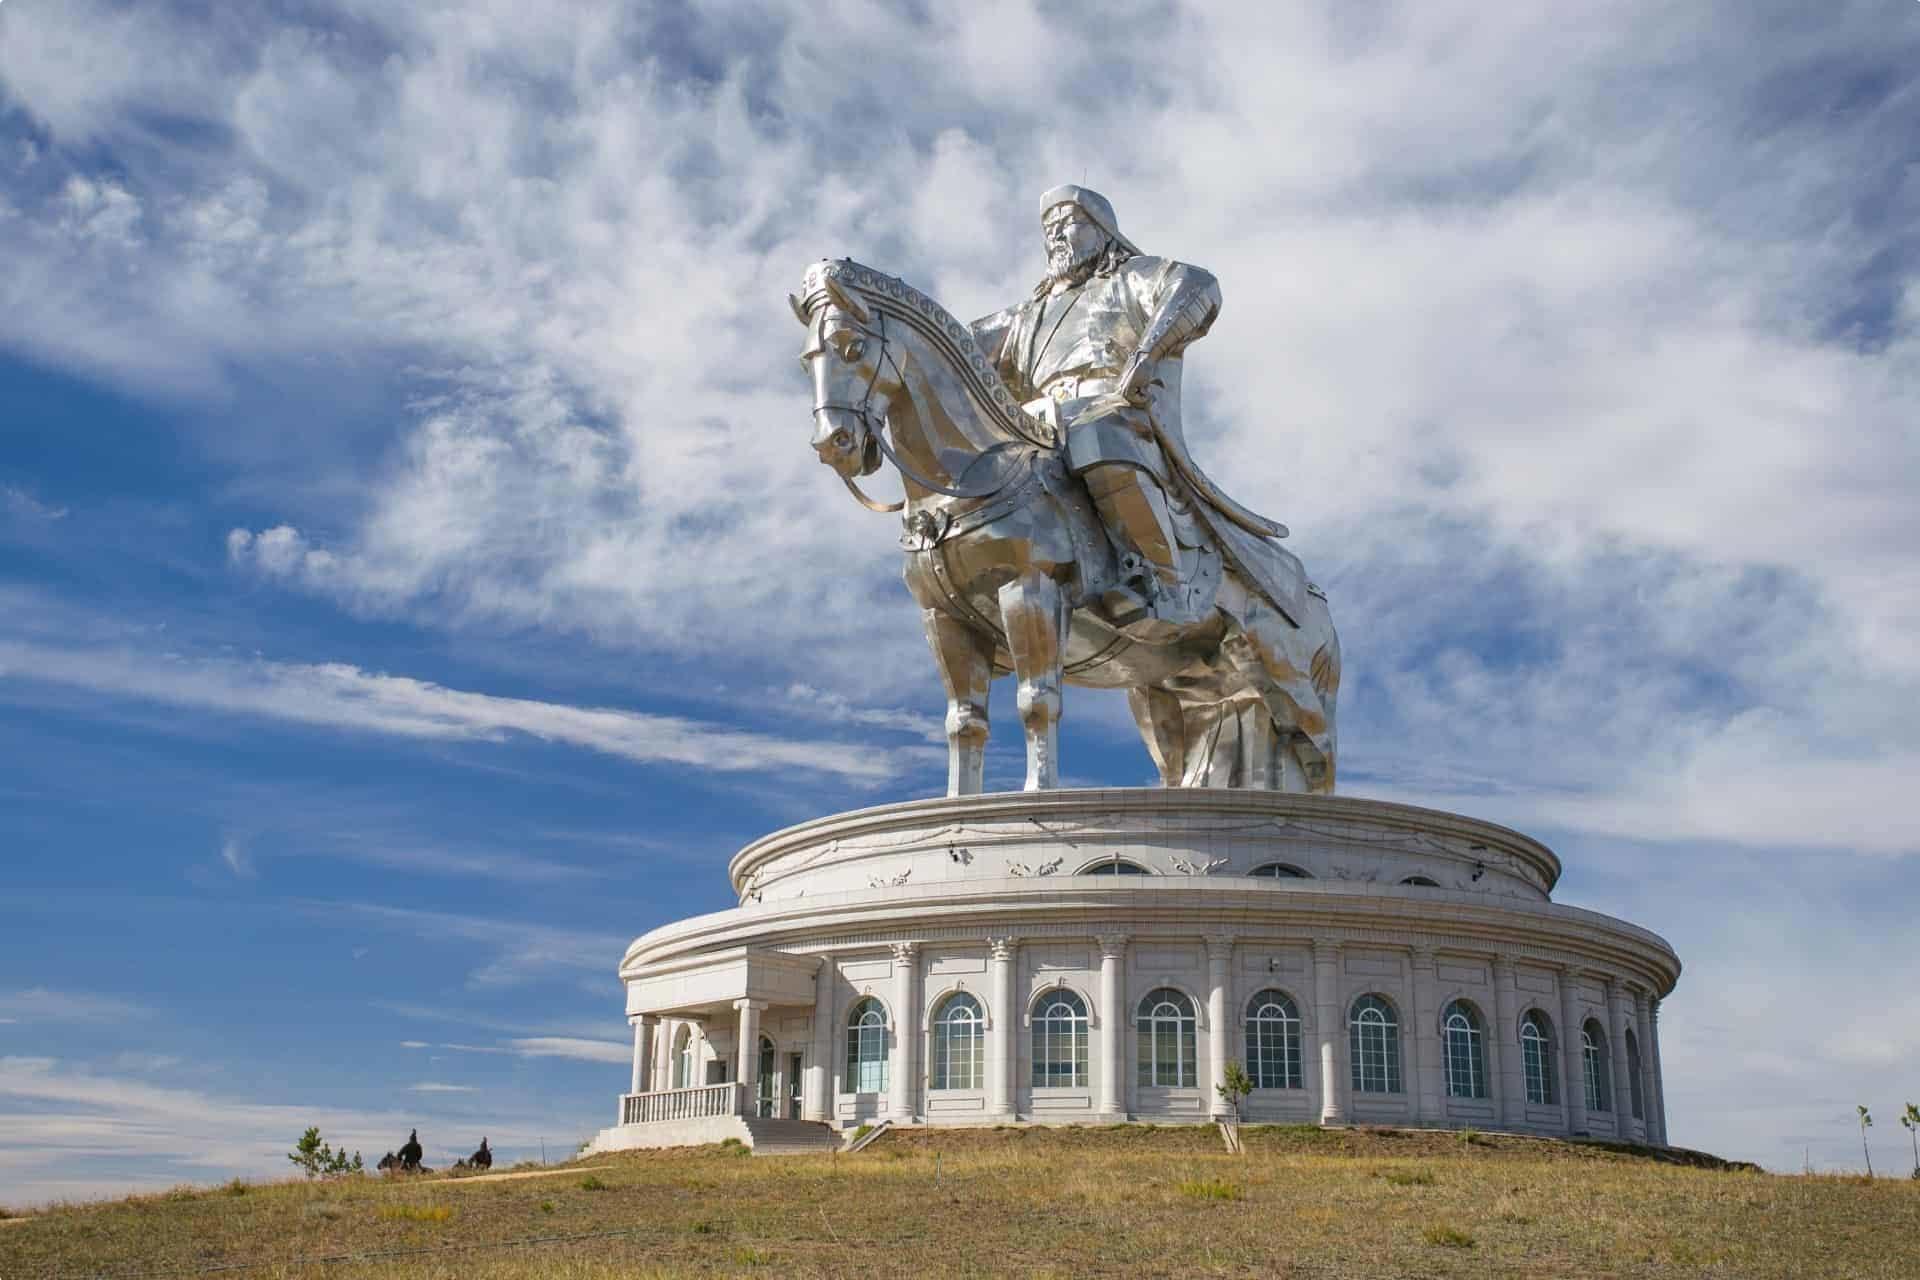 Statue of Genghis Khan in Ulaanbaatar